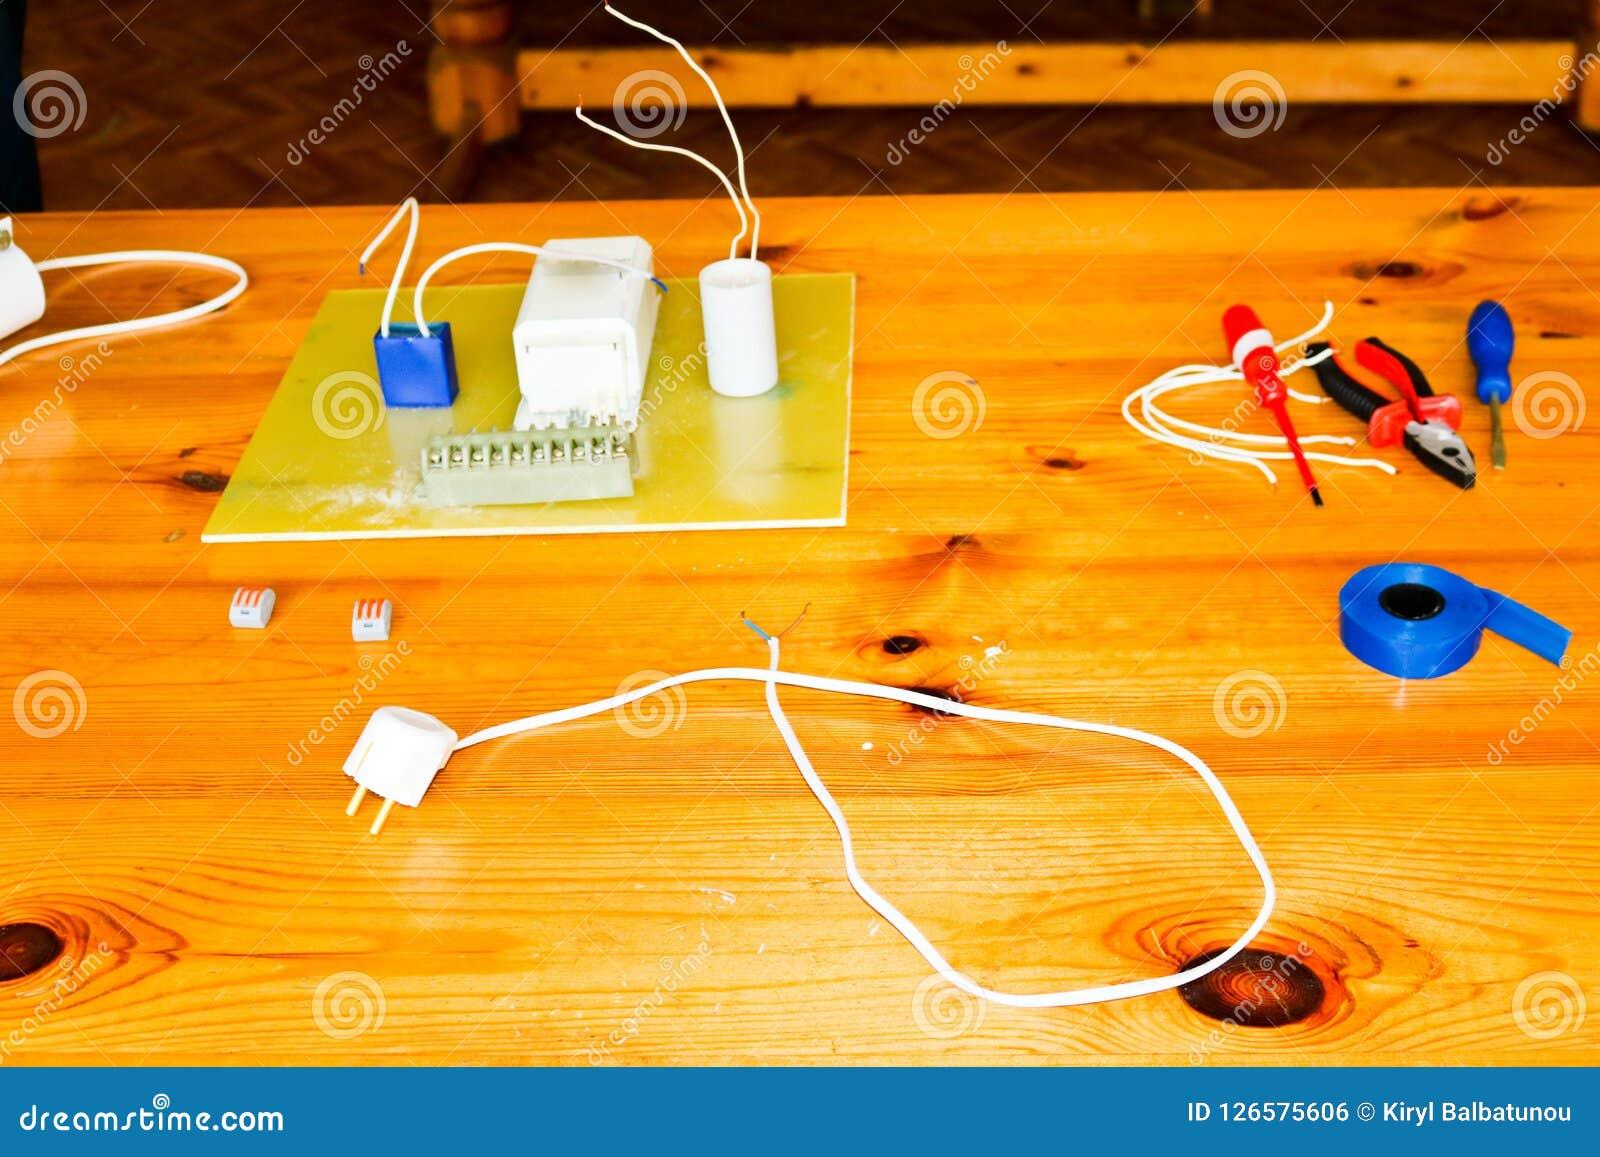 Elektryczny obwód z drutami i dodatkowymi częściami, instalacyjny wyposażenie, cążki, błękitna elektryczna taśma, śrubokręty na s